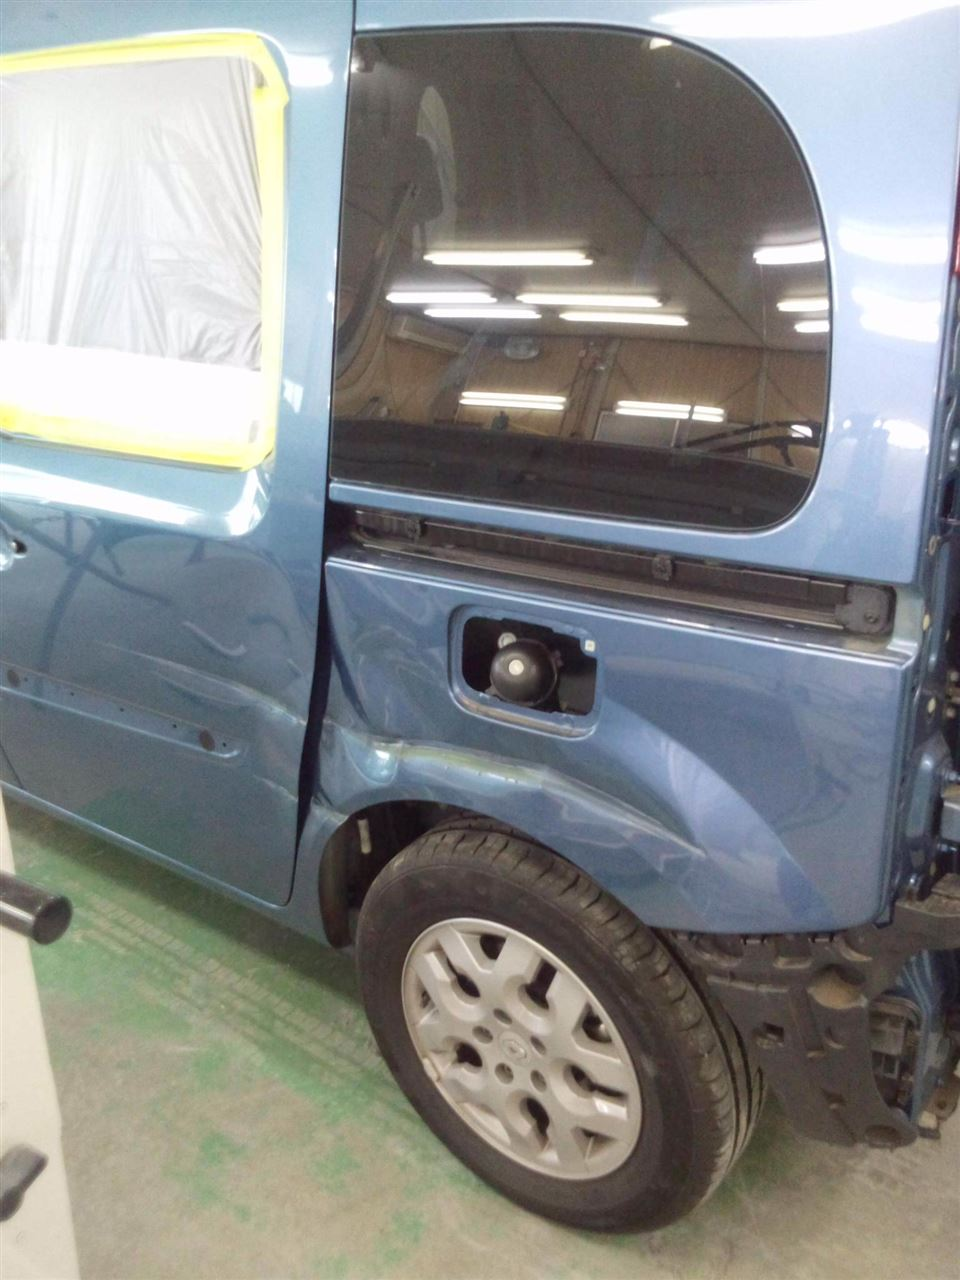 東京都立川市の車の板金塗装修理工場 ガレージローライドのルノー カングーの左側面のキズ へこみ の板金 修理 塗装 です。